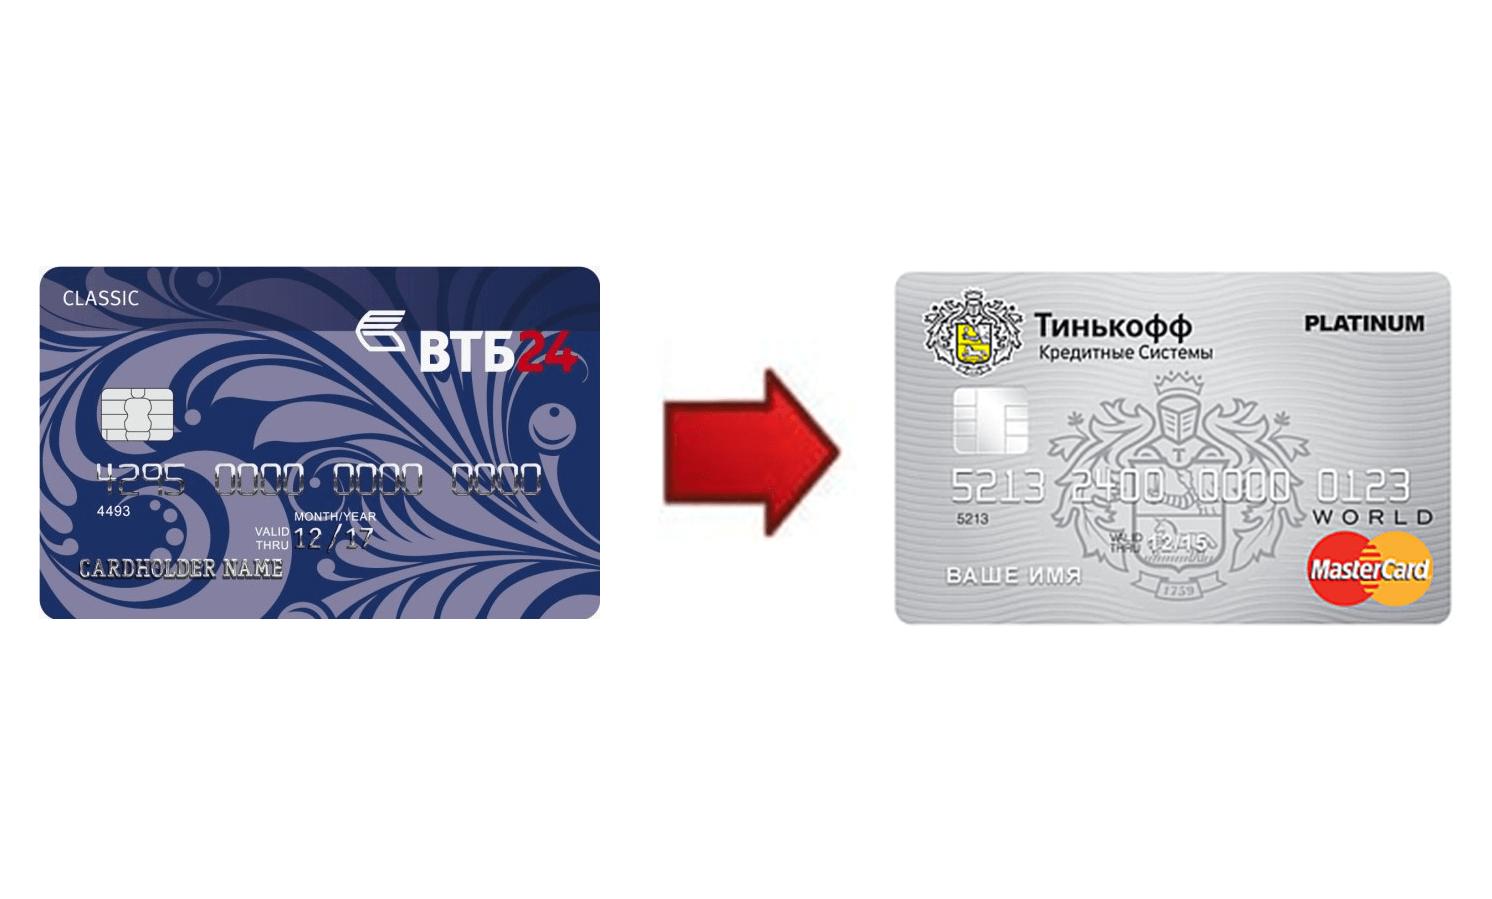 Граждане узбекистан может получить банковской карты втб